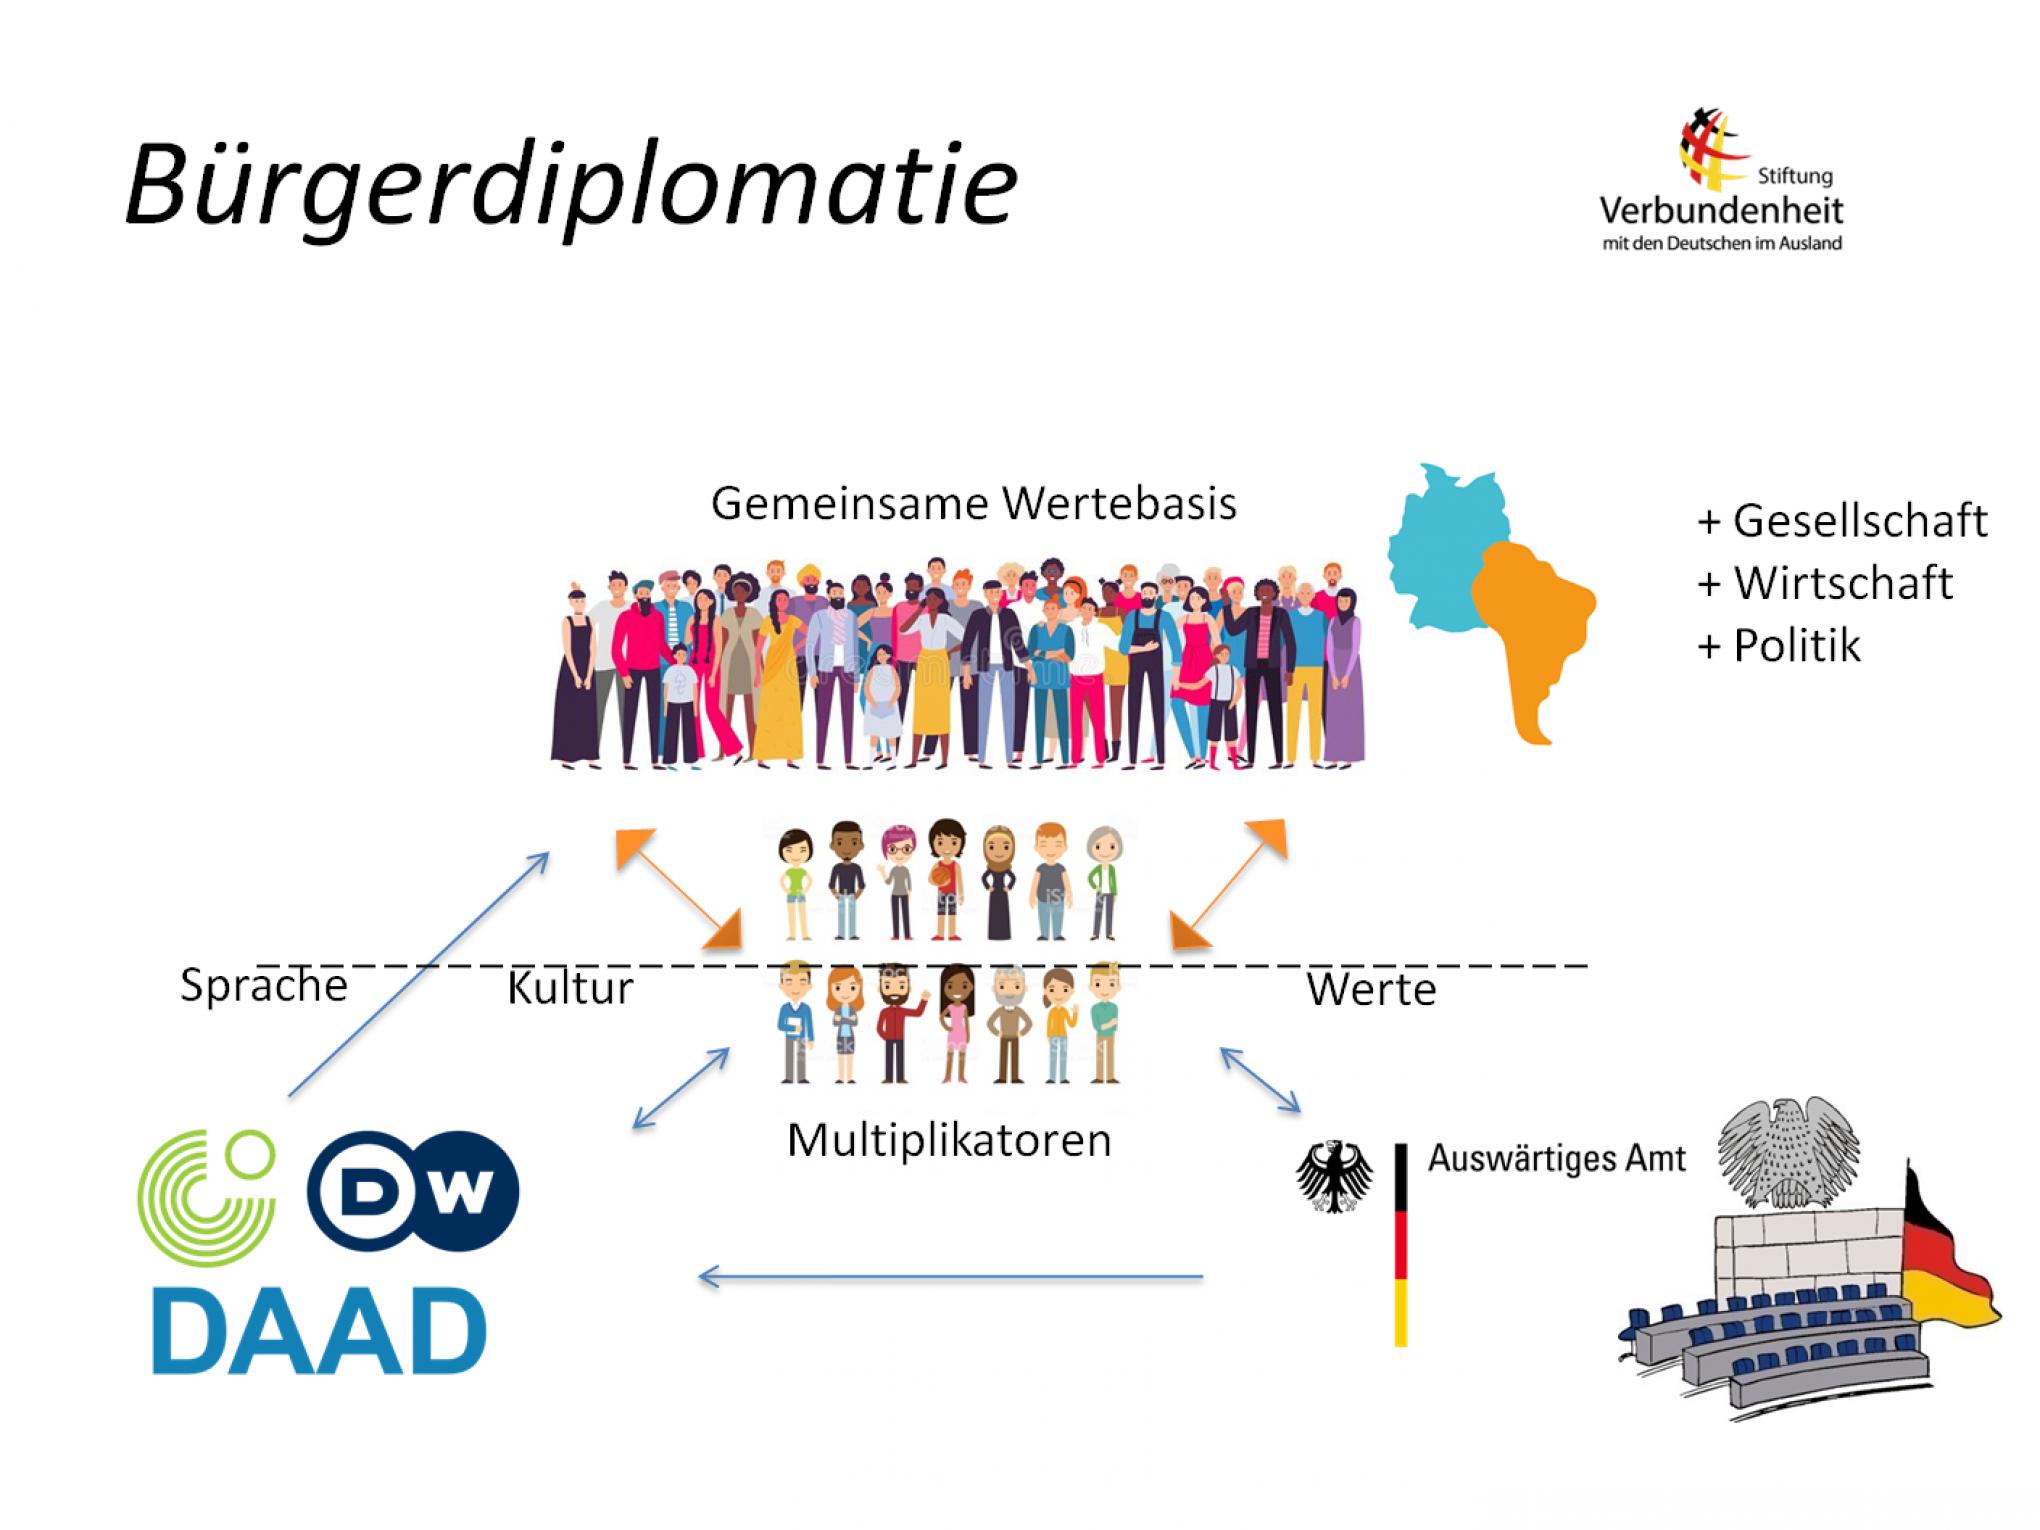 Das Konzept der Bürgerdiplomatie der Stiftung Verbundenheit.